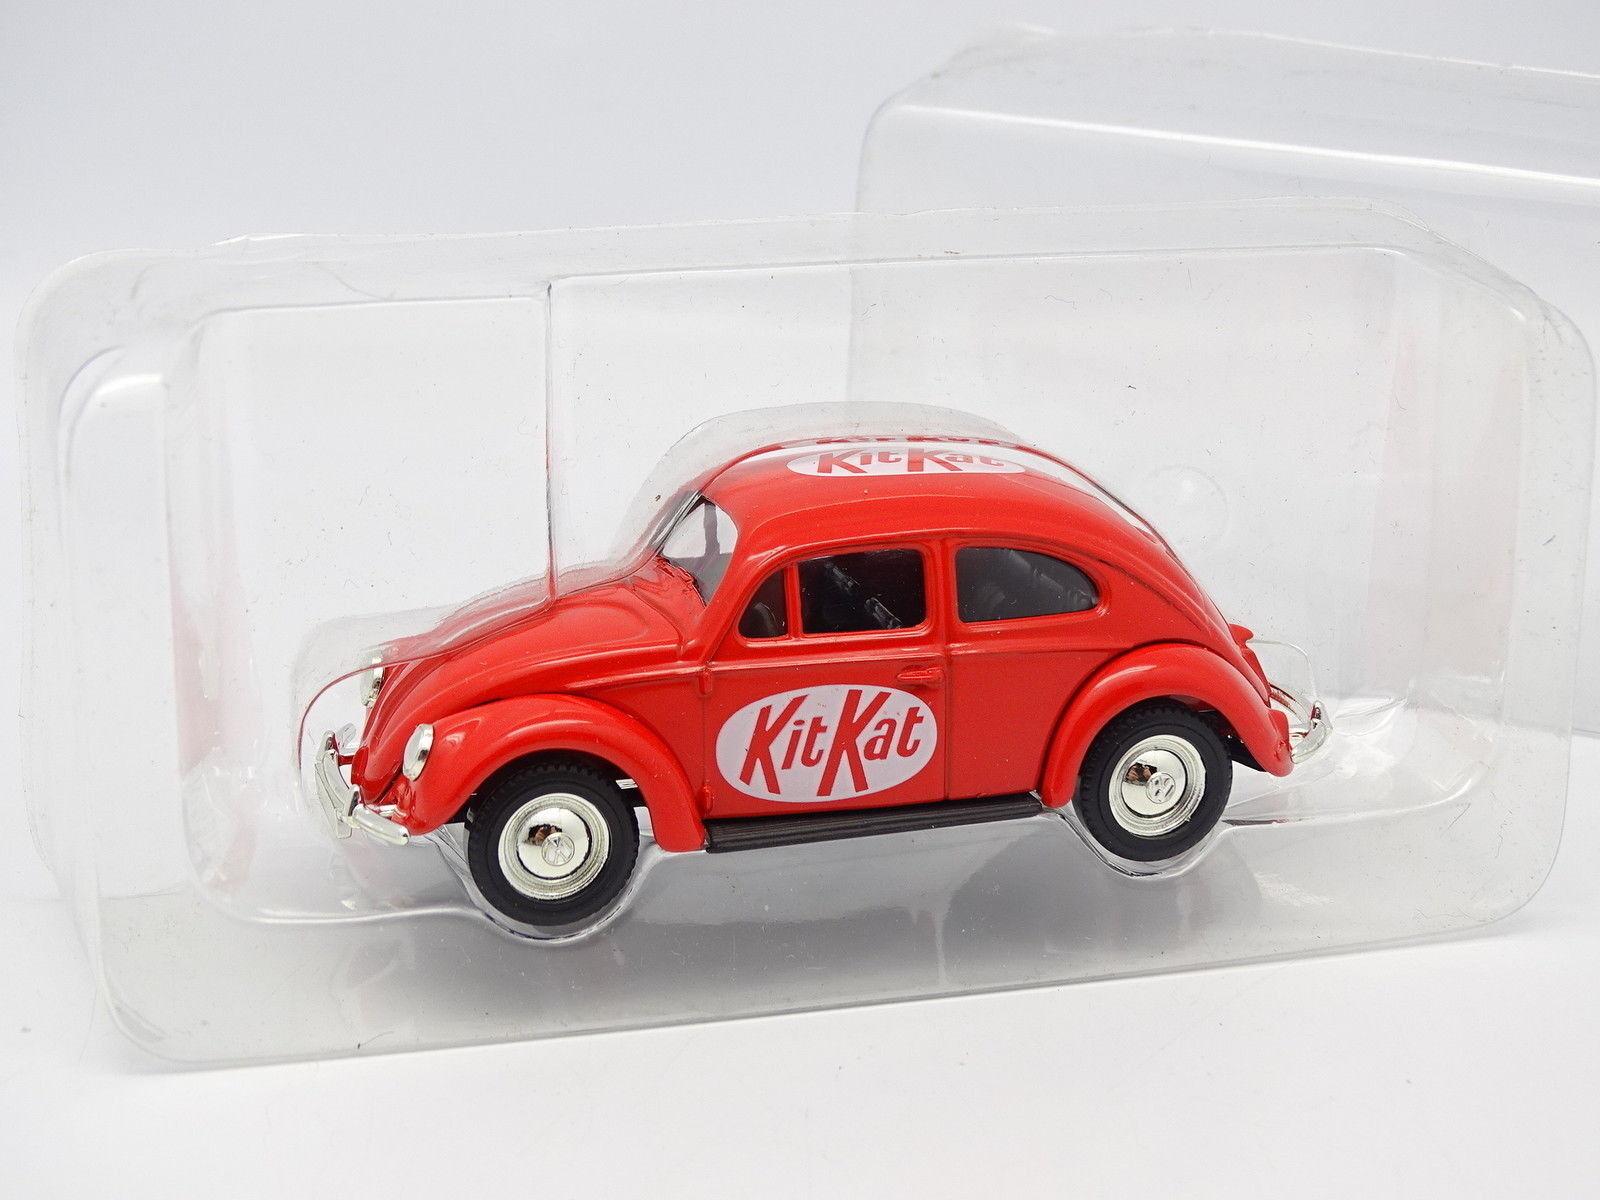 Corgi 1 43 - VW Coccinelle Kit Kat